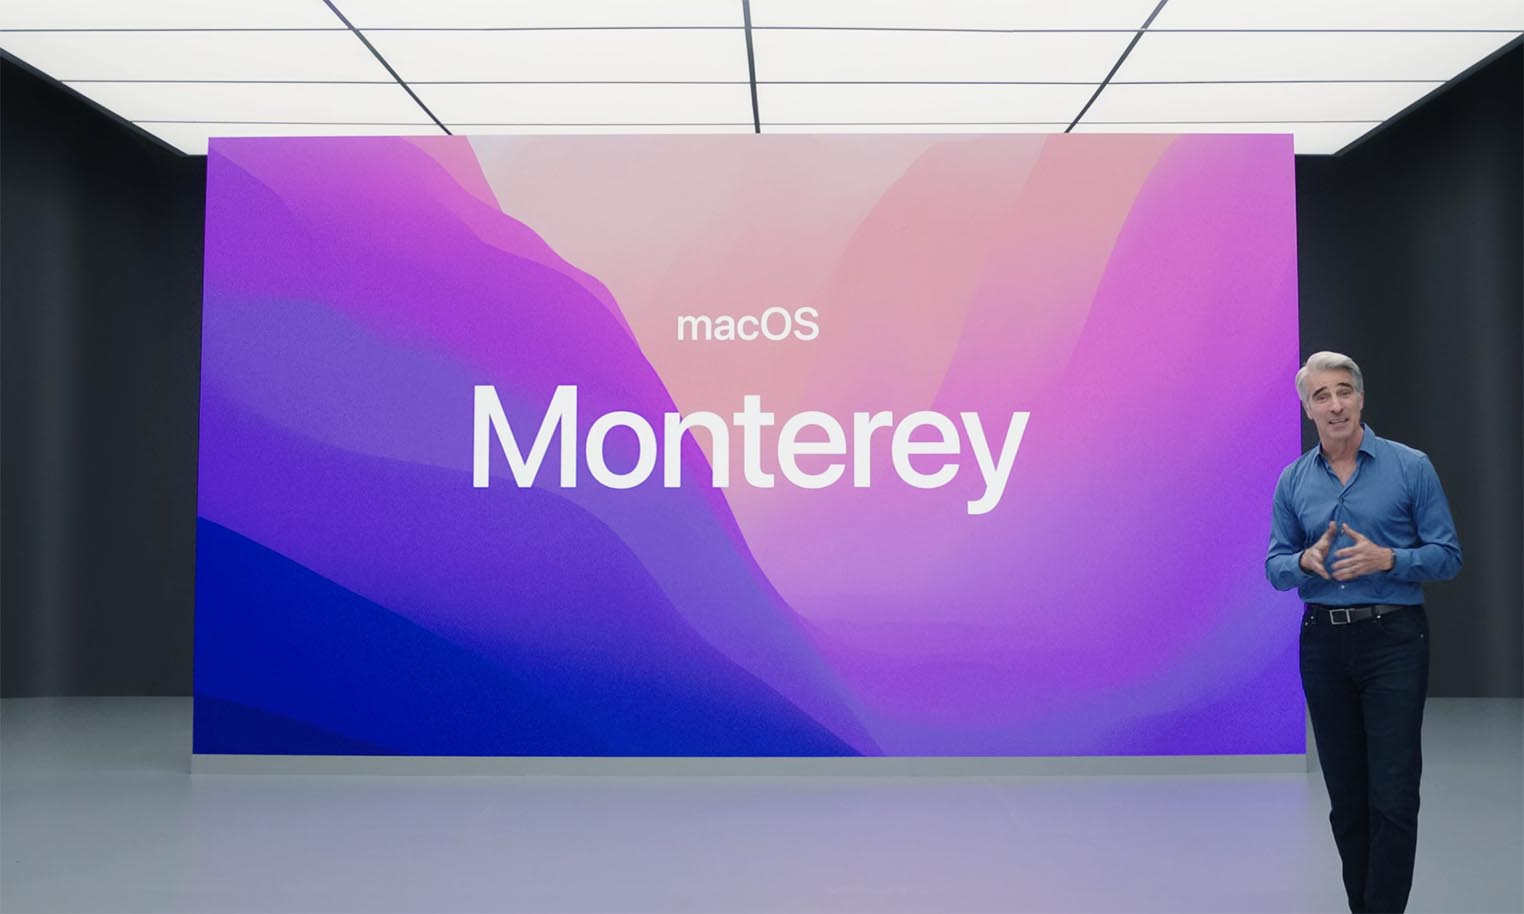 macOS Montery Craig Federighi